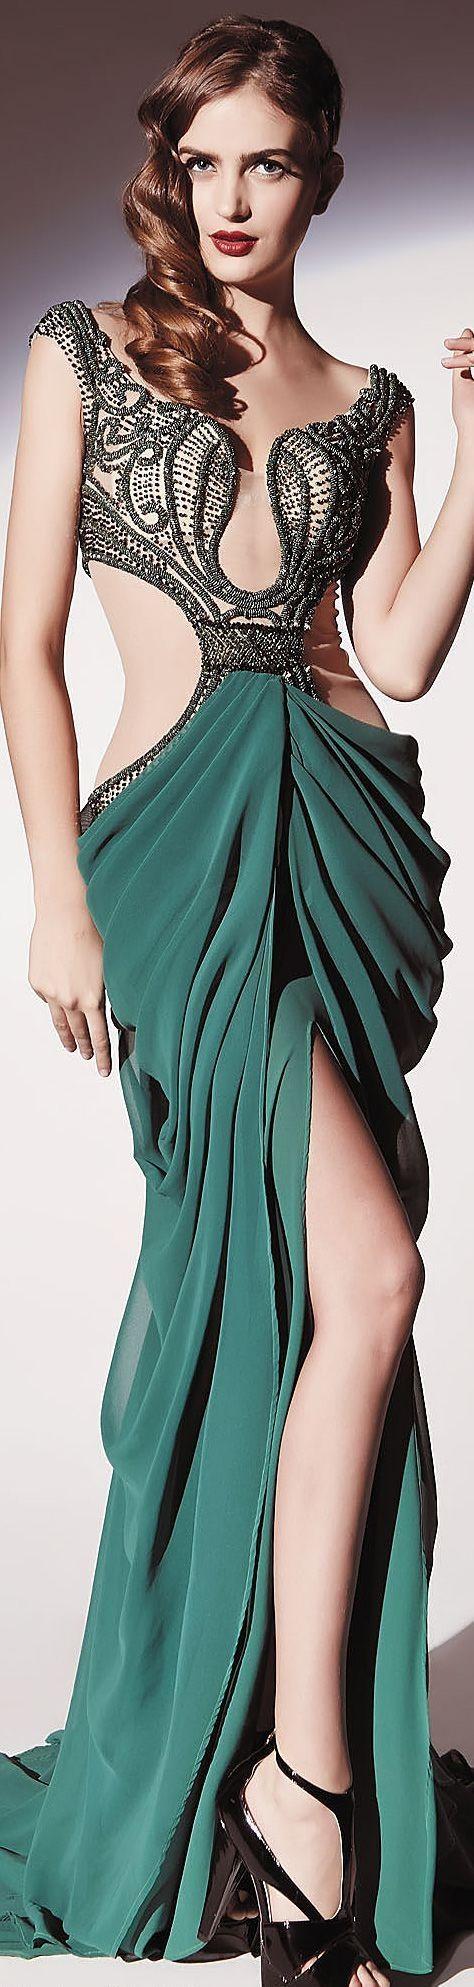 sexy party dresses,sexy party dress,party dresses uk,party dress uk,party dresses for women,party dress for women,Dany Tabet  2014